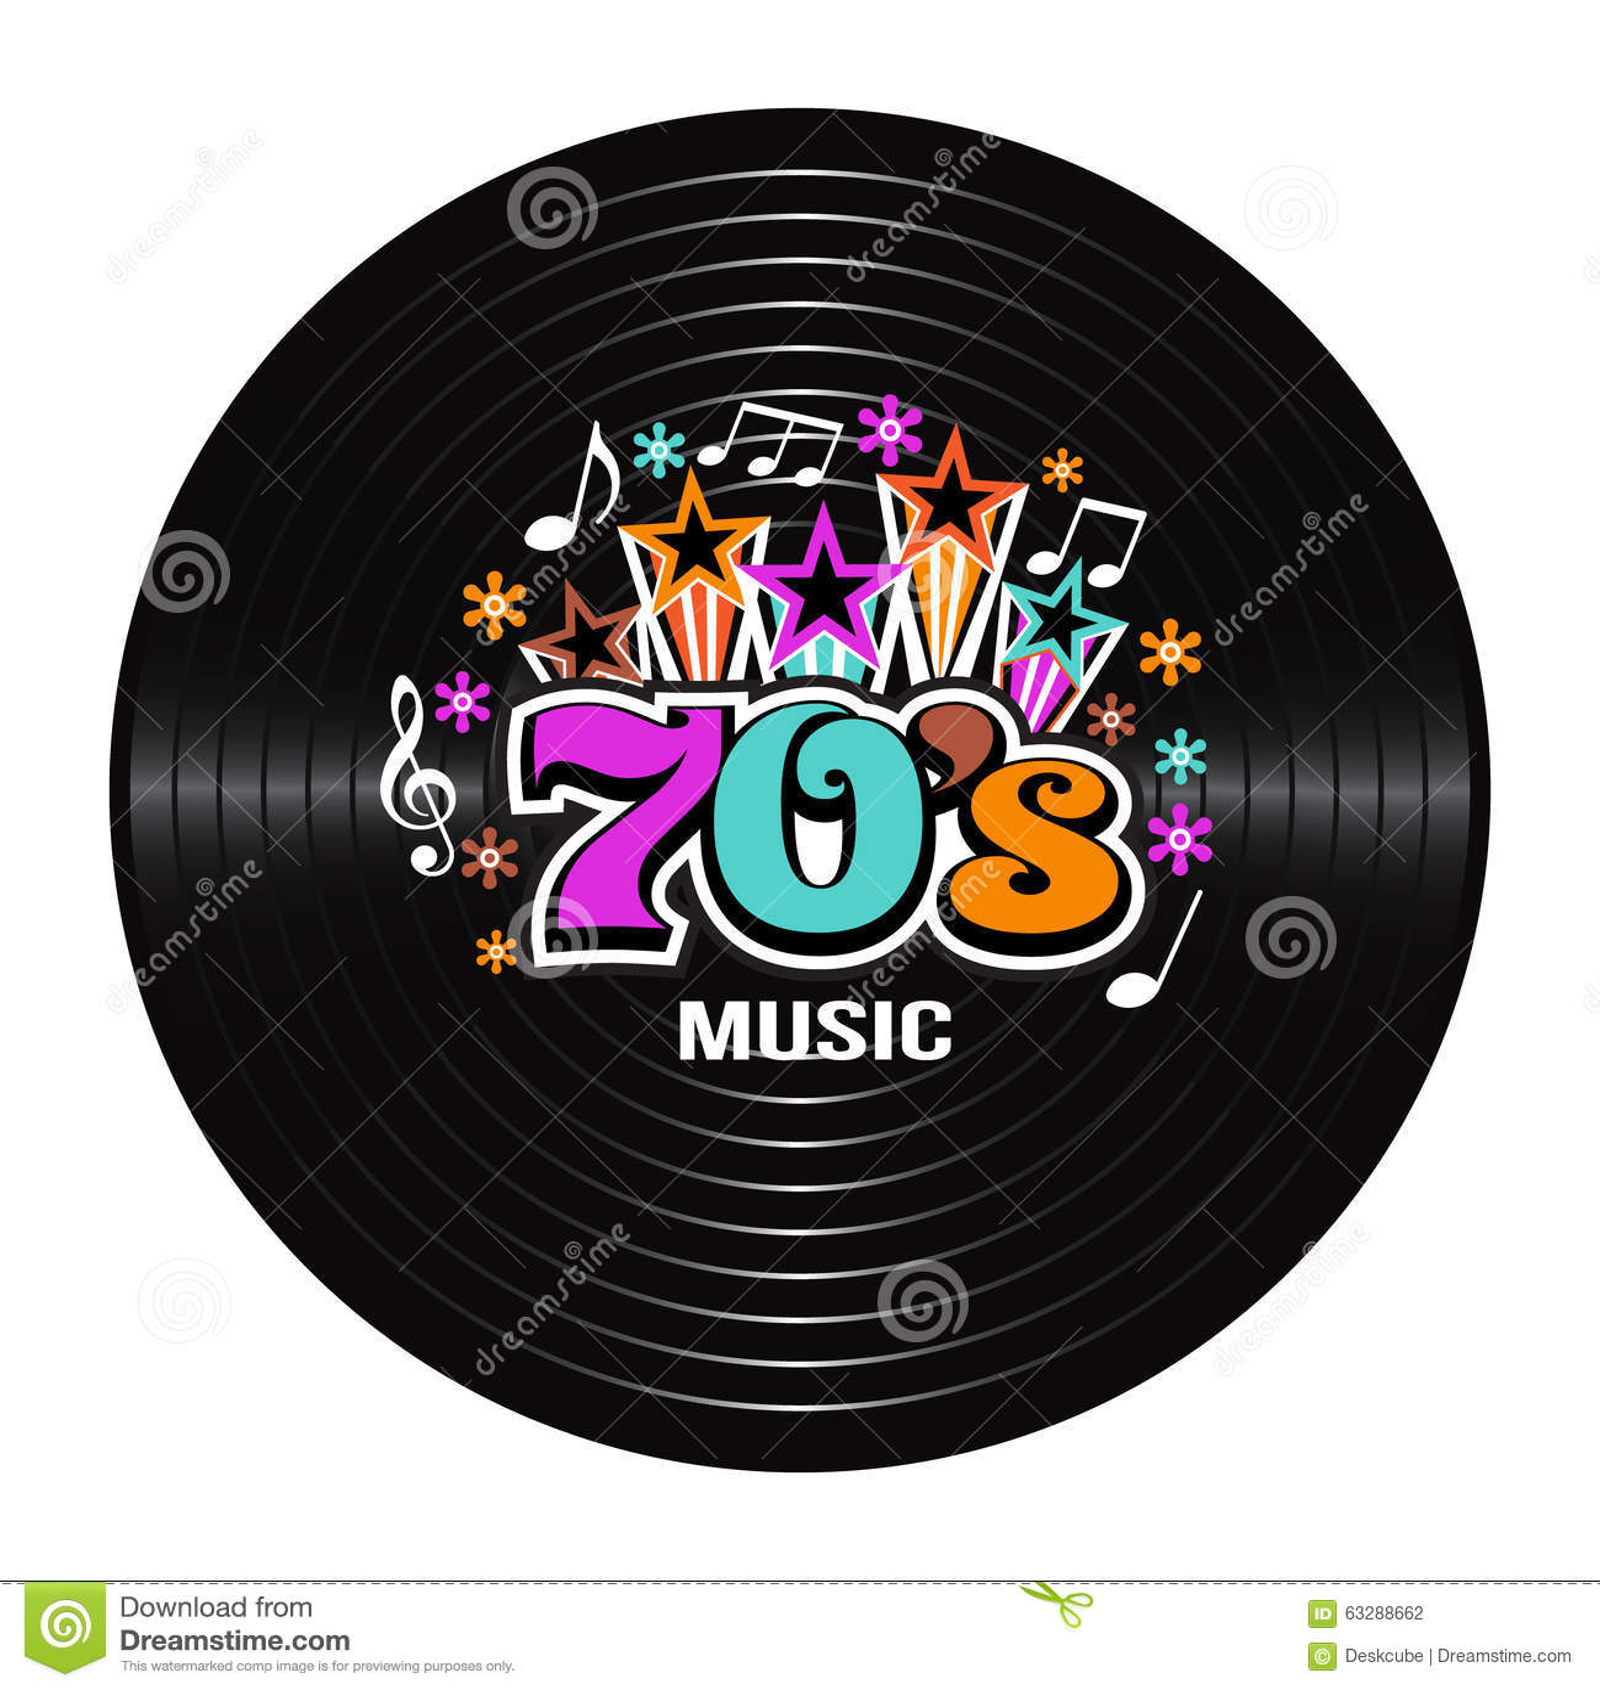 Discografia di musica 70s